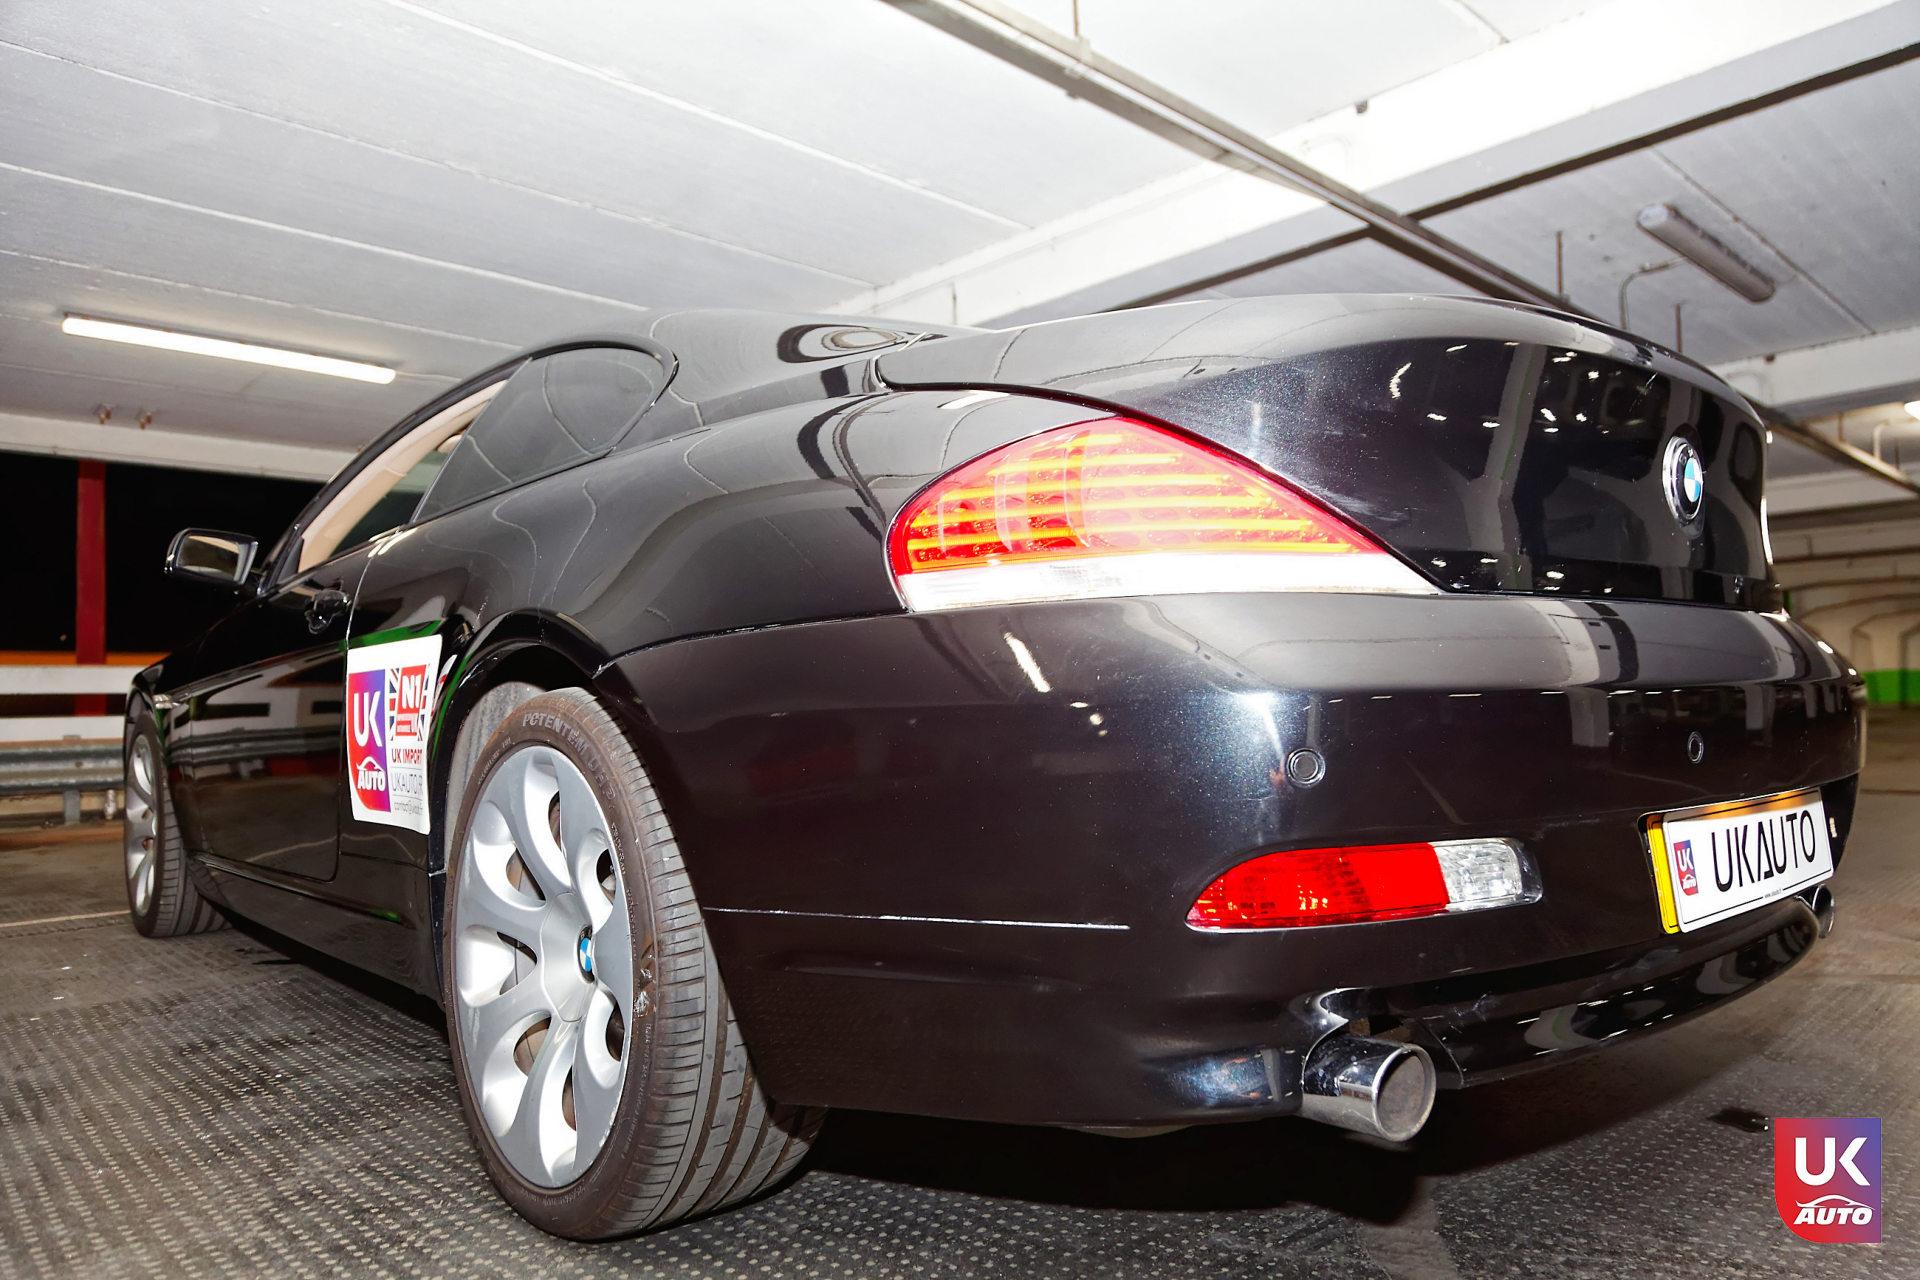 Bmw 645ci v8 import rhd bmw uk import rhd angleterre voiture anglaise bmw 645ci v85 DxO - BMW UK IMPORT BMW 645CI V8 ACHAT A LONDRES BMW IMPORT RHD FELICITATION A DAVID